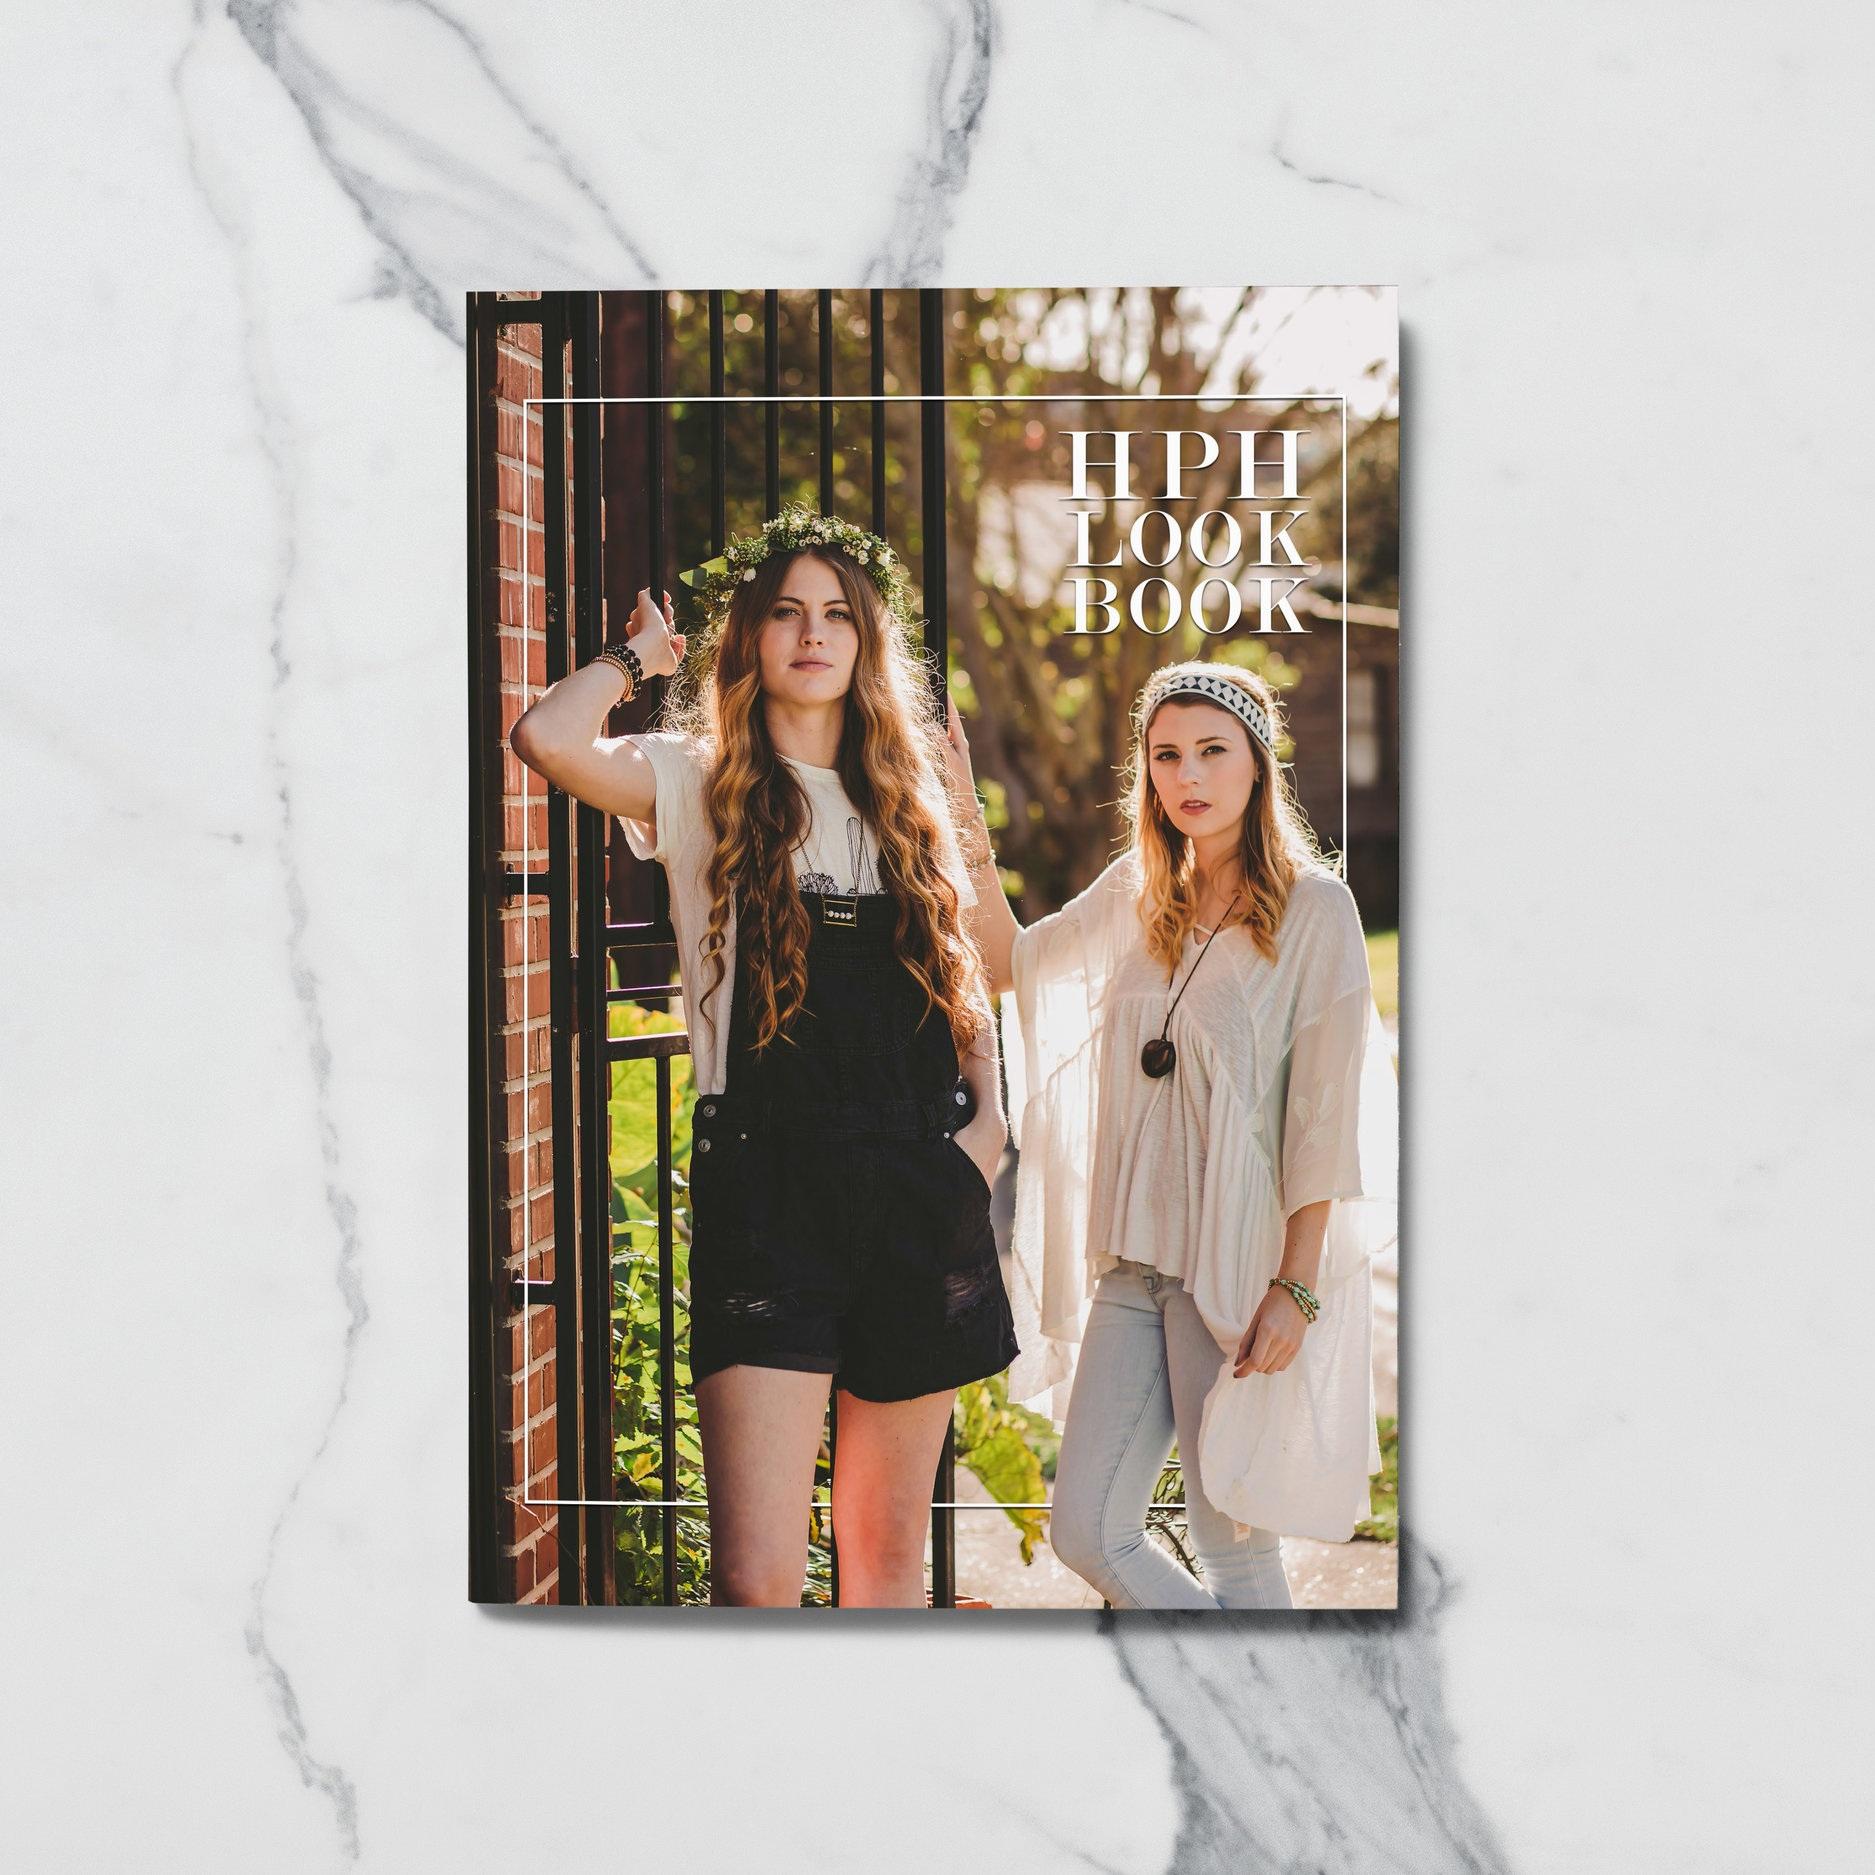 Hands Producing Hope - Lookbook Design